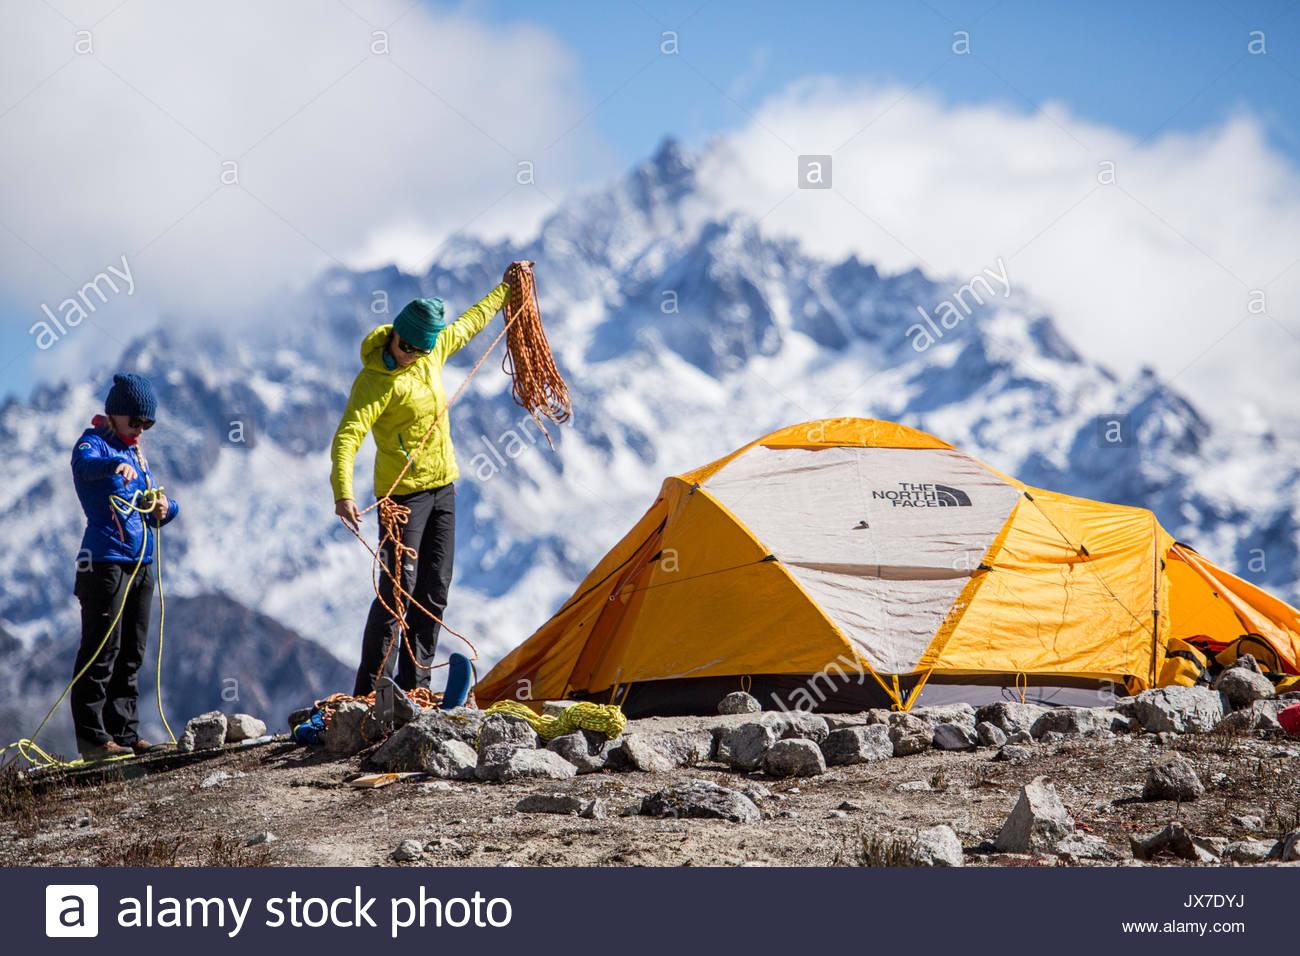 Expedicionarios comprobar cuerdas de escalada y el engranaje antes de emprender una expedición de montañismo. Imagen De Stock